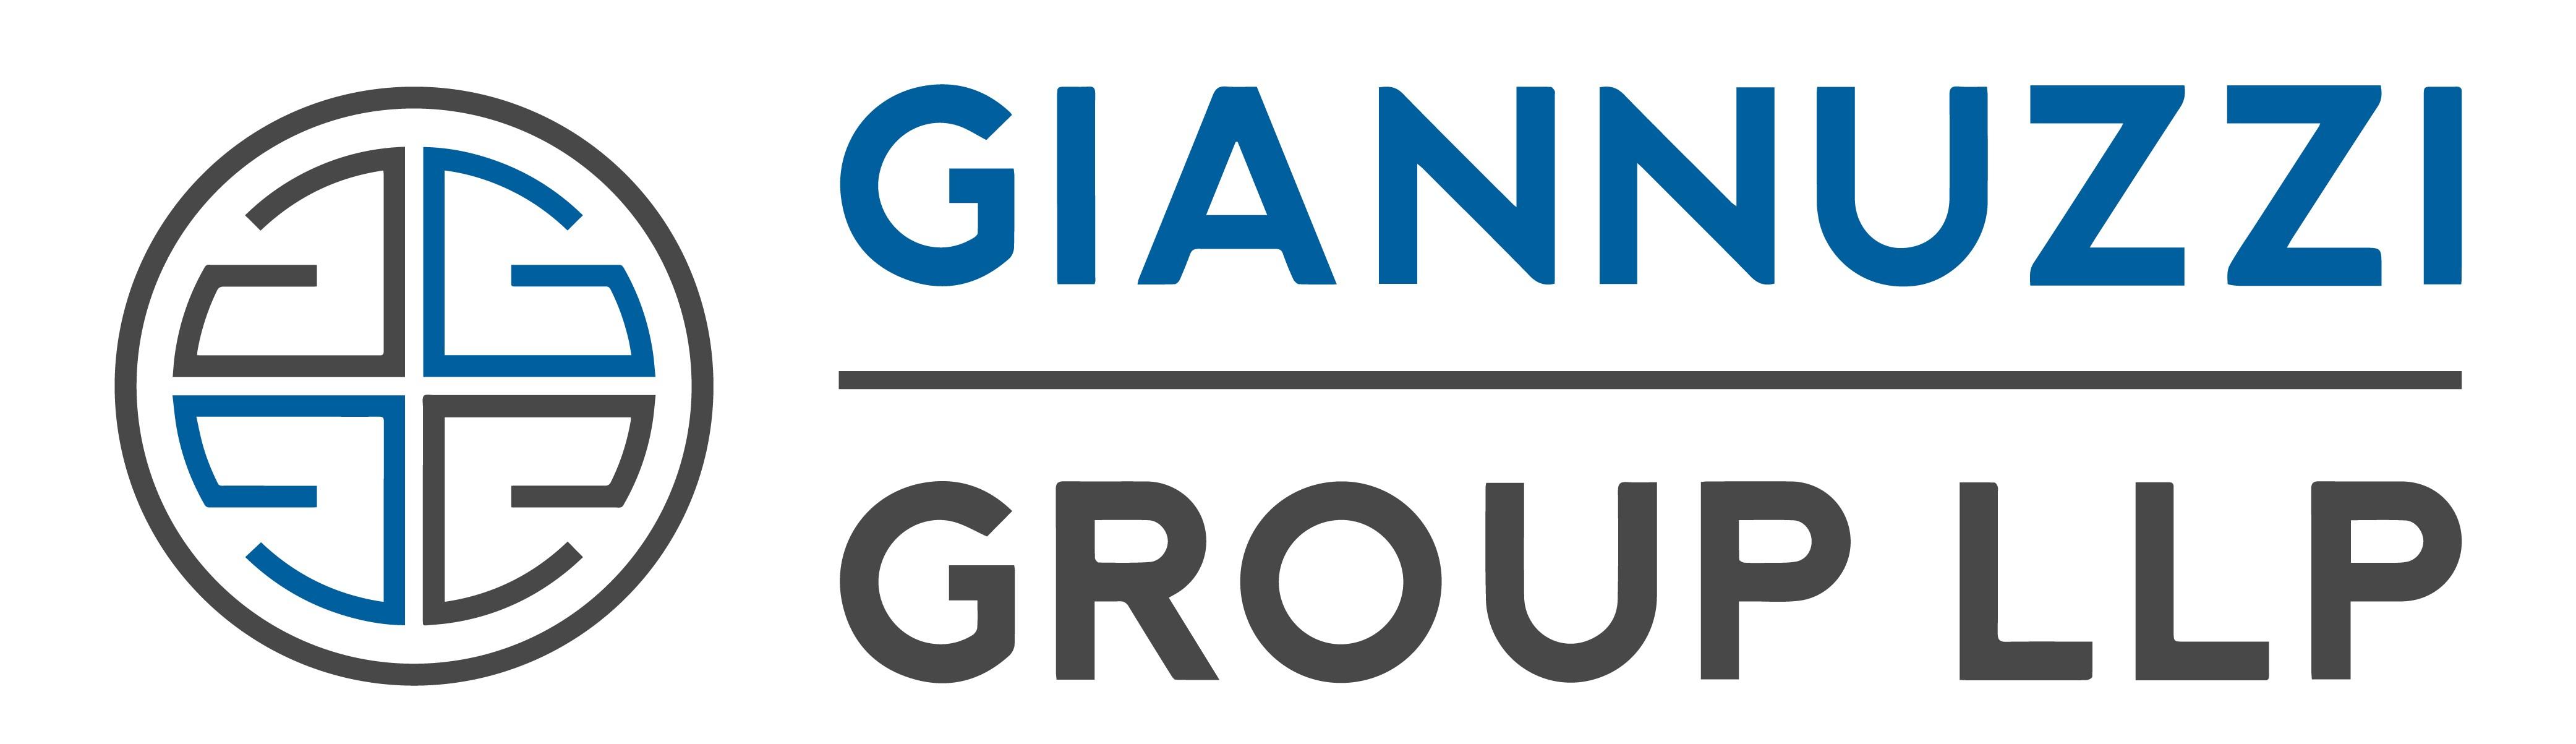 Giannuzzi Group - sponsoring BevNET Live Summer 2019